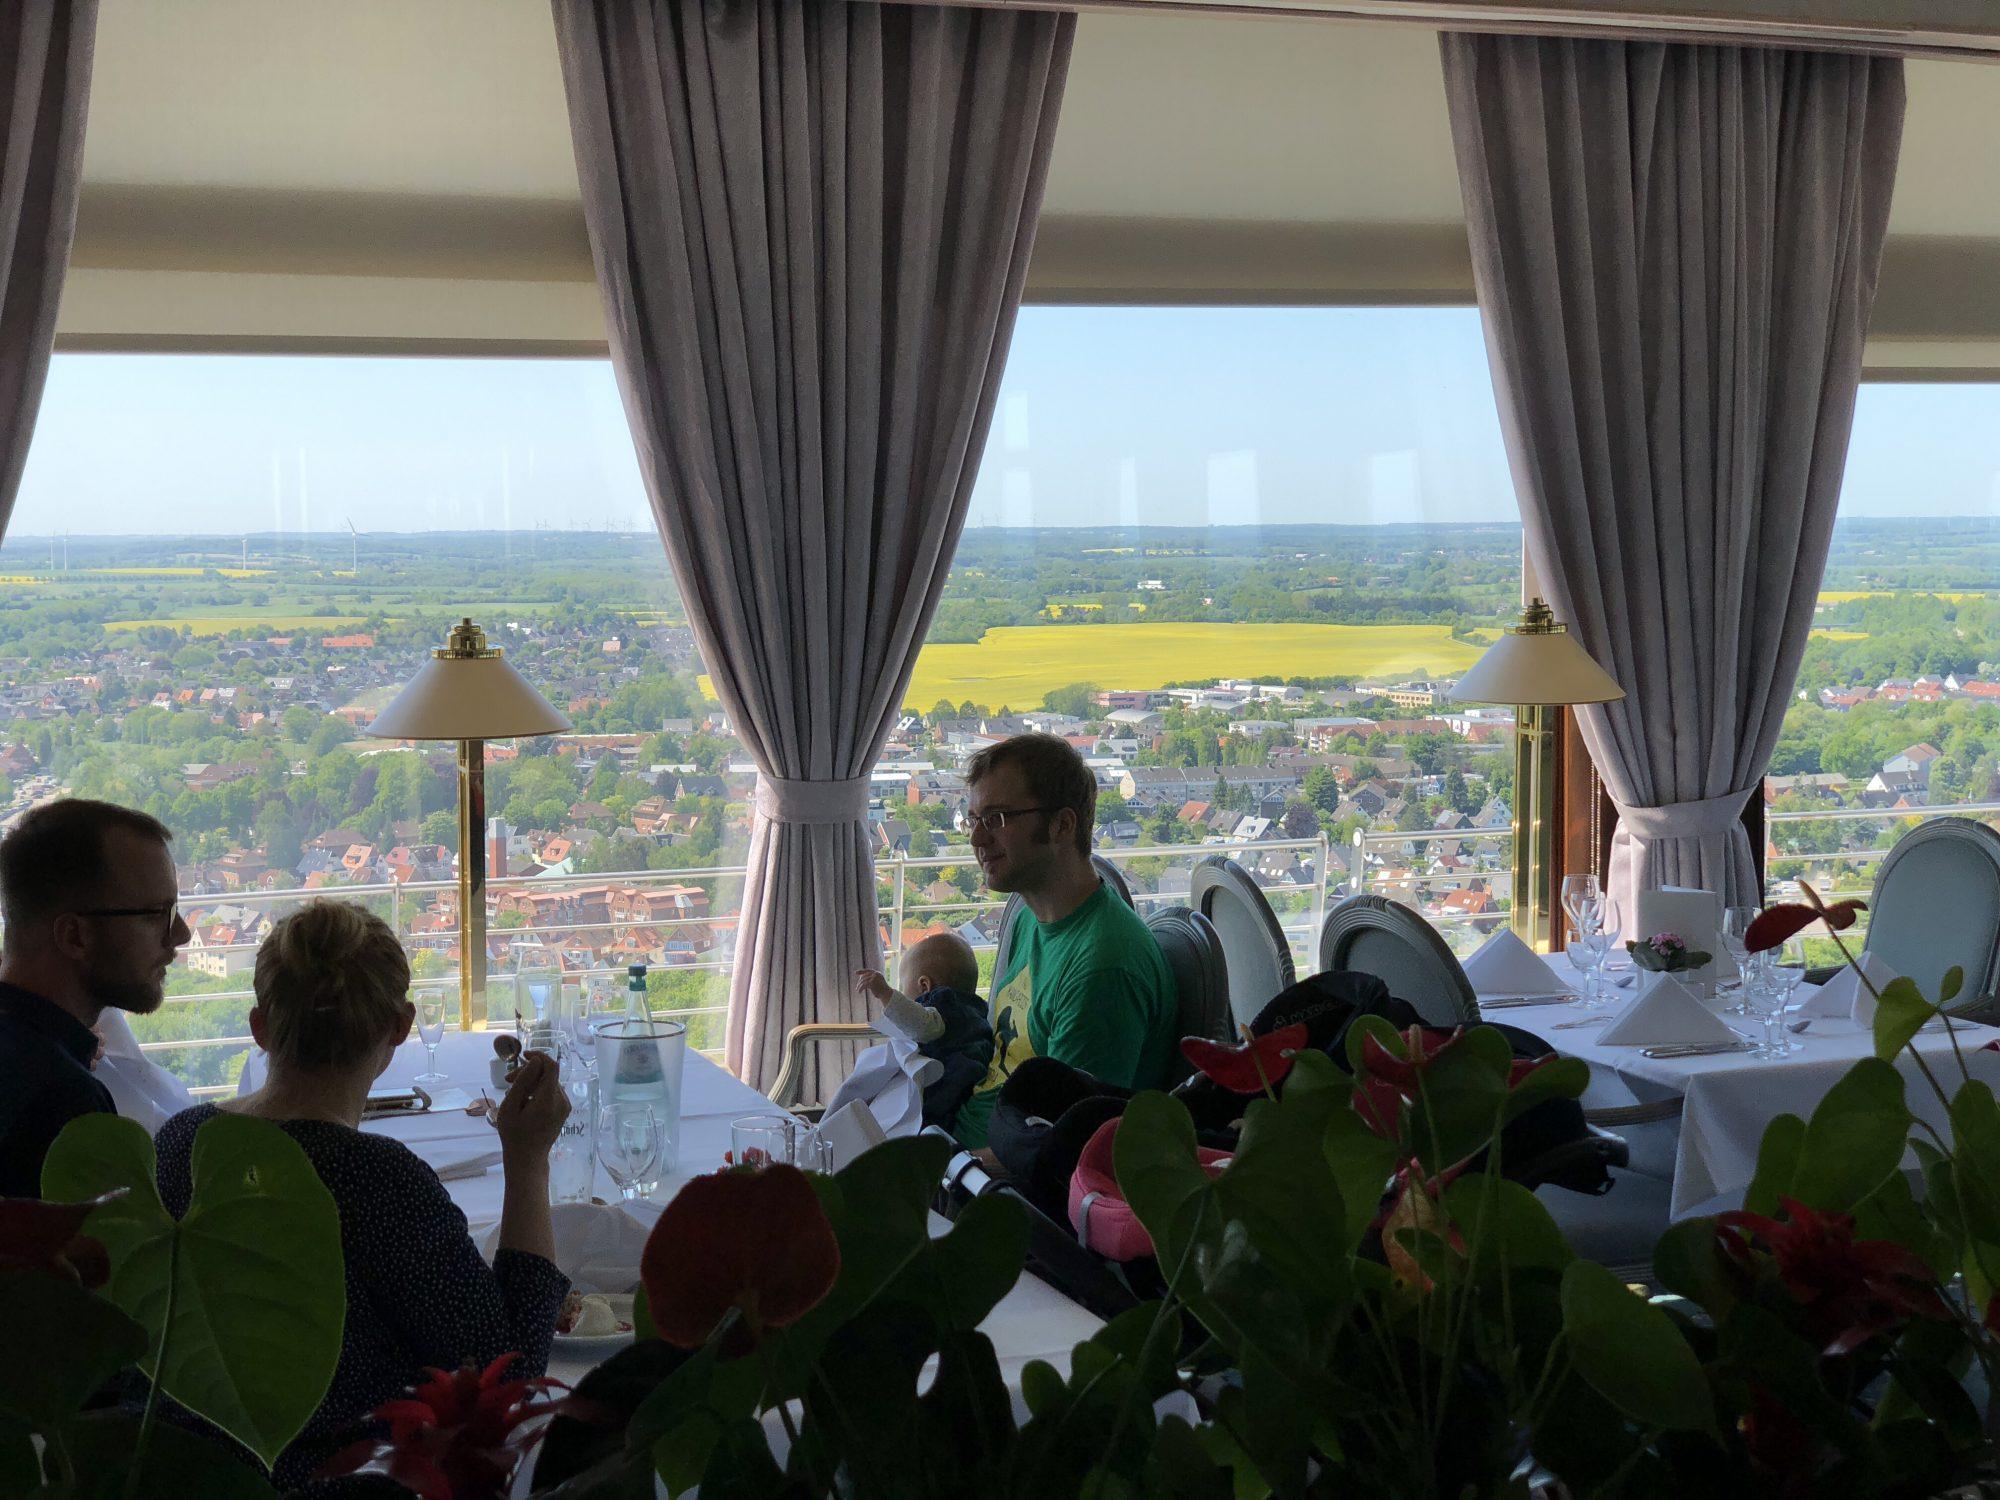 Restauranger i Travemünde